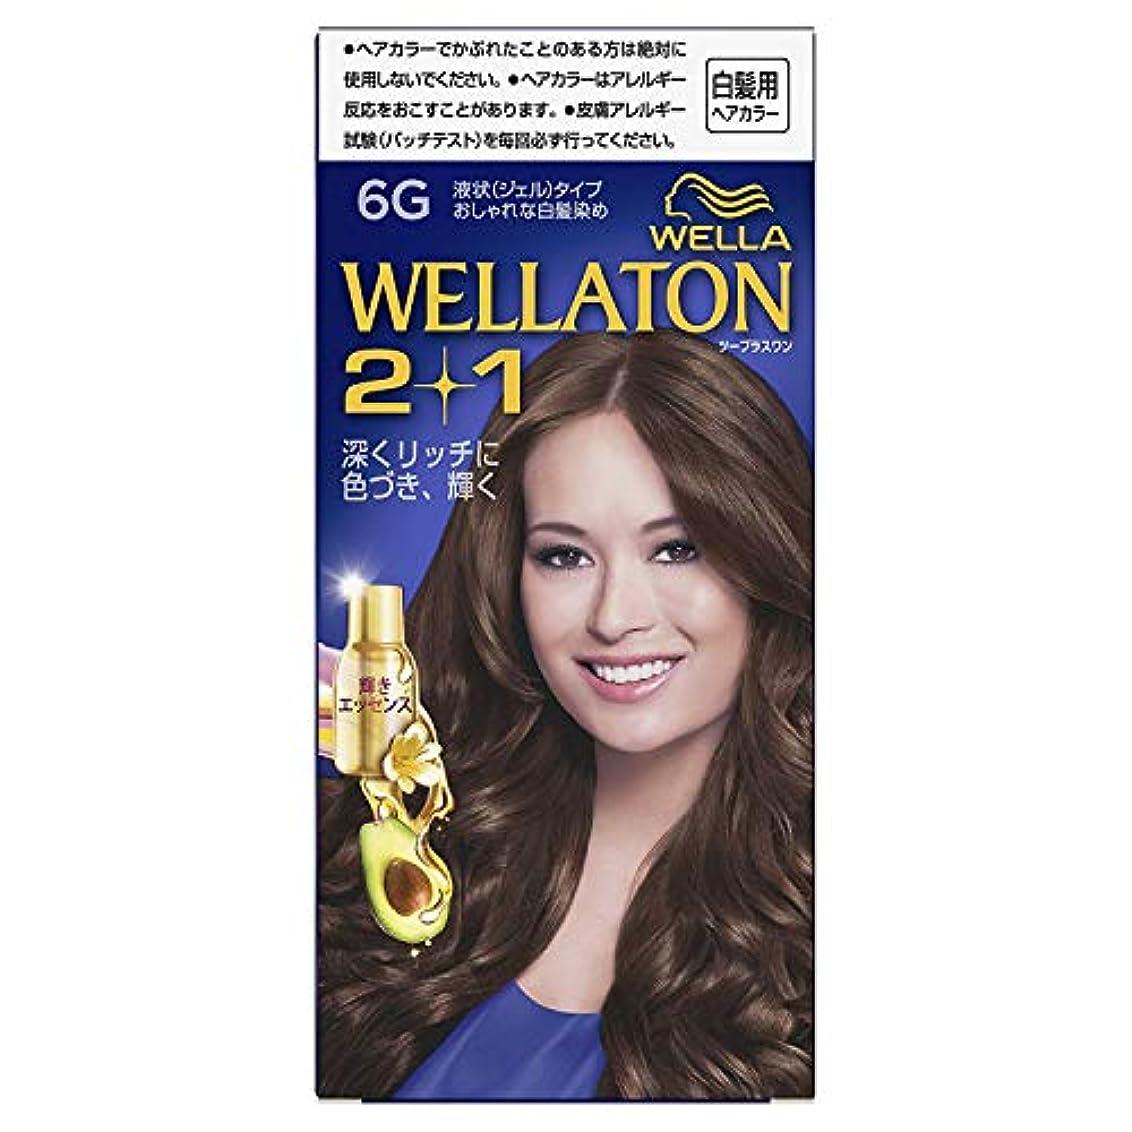 危機うま取るに足らないウエラトーン2+1 白髪染め 液状タイプ 6G [医薬部外品] ×6個